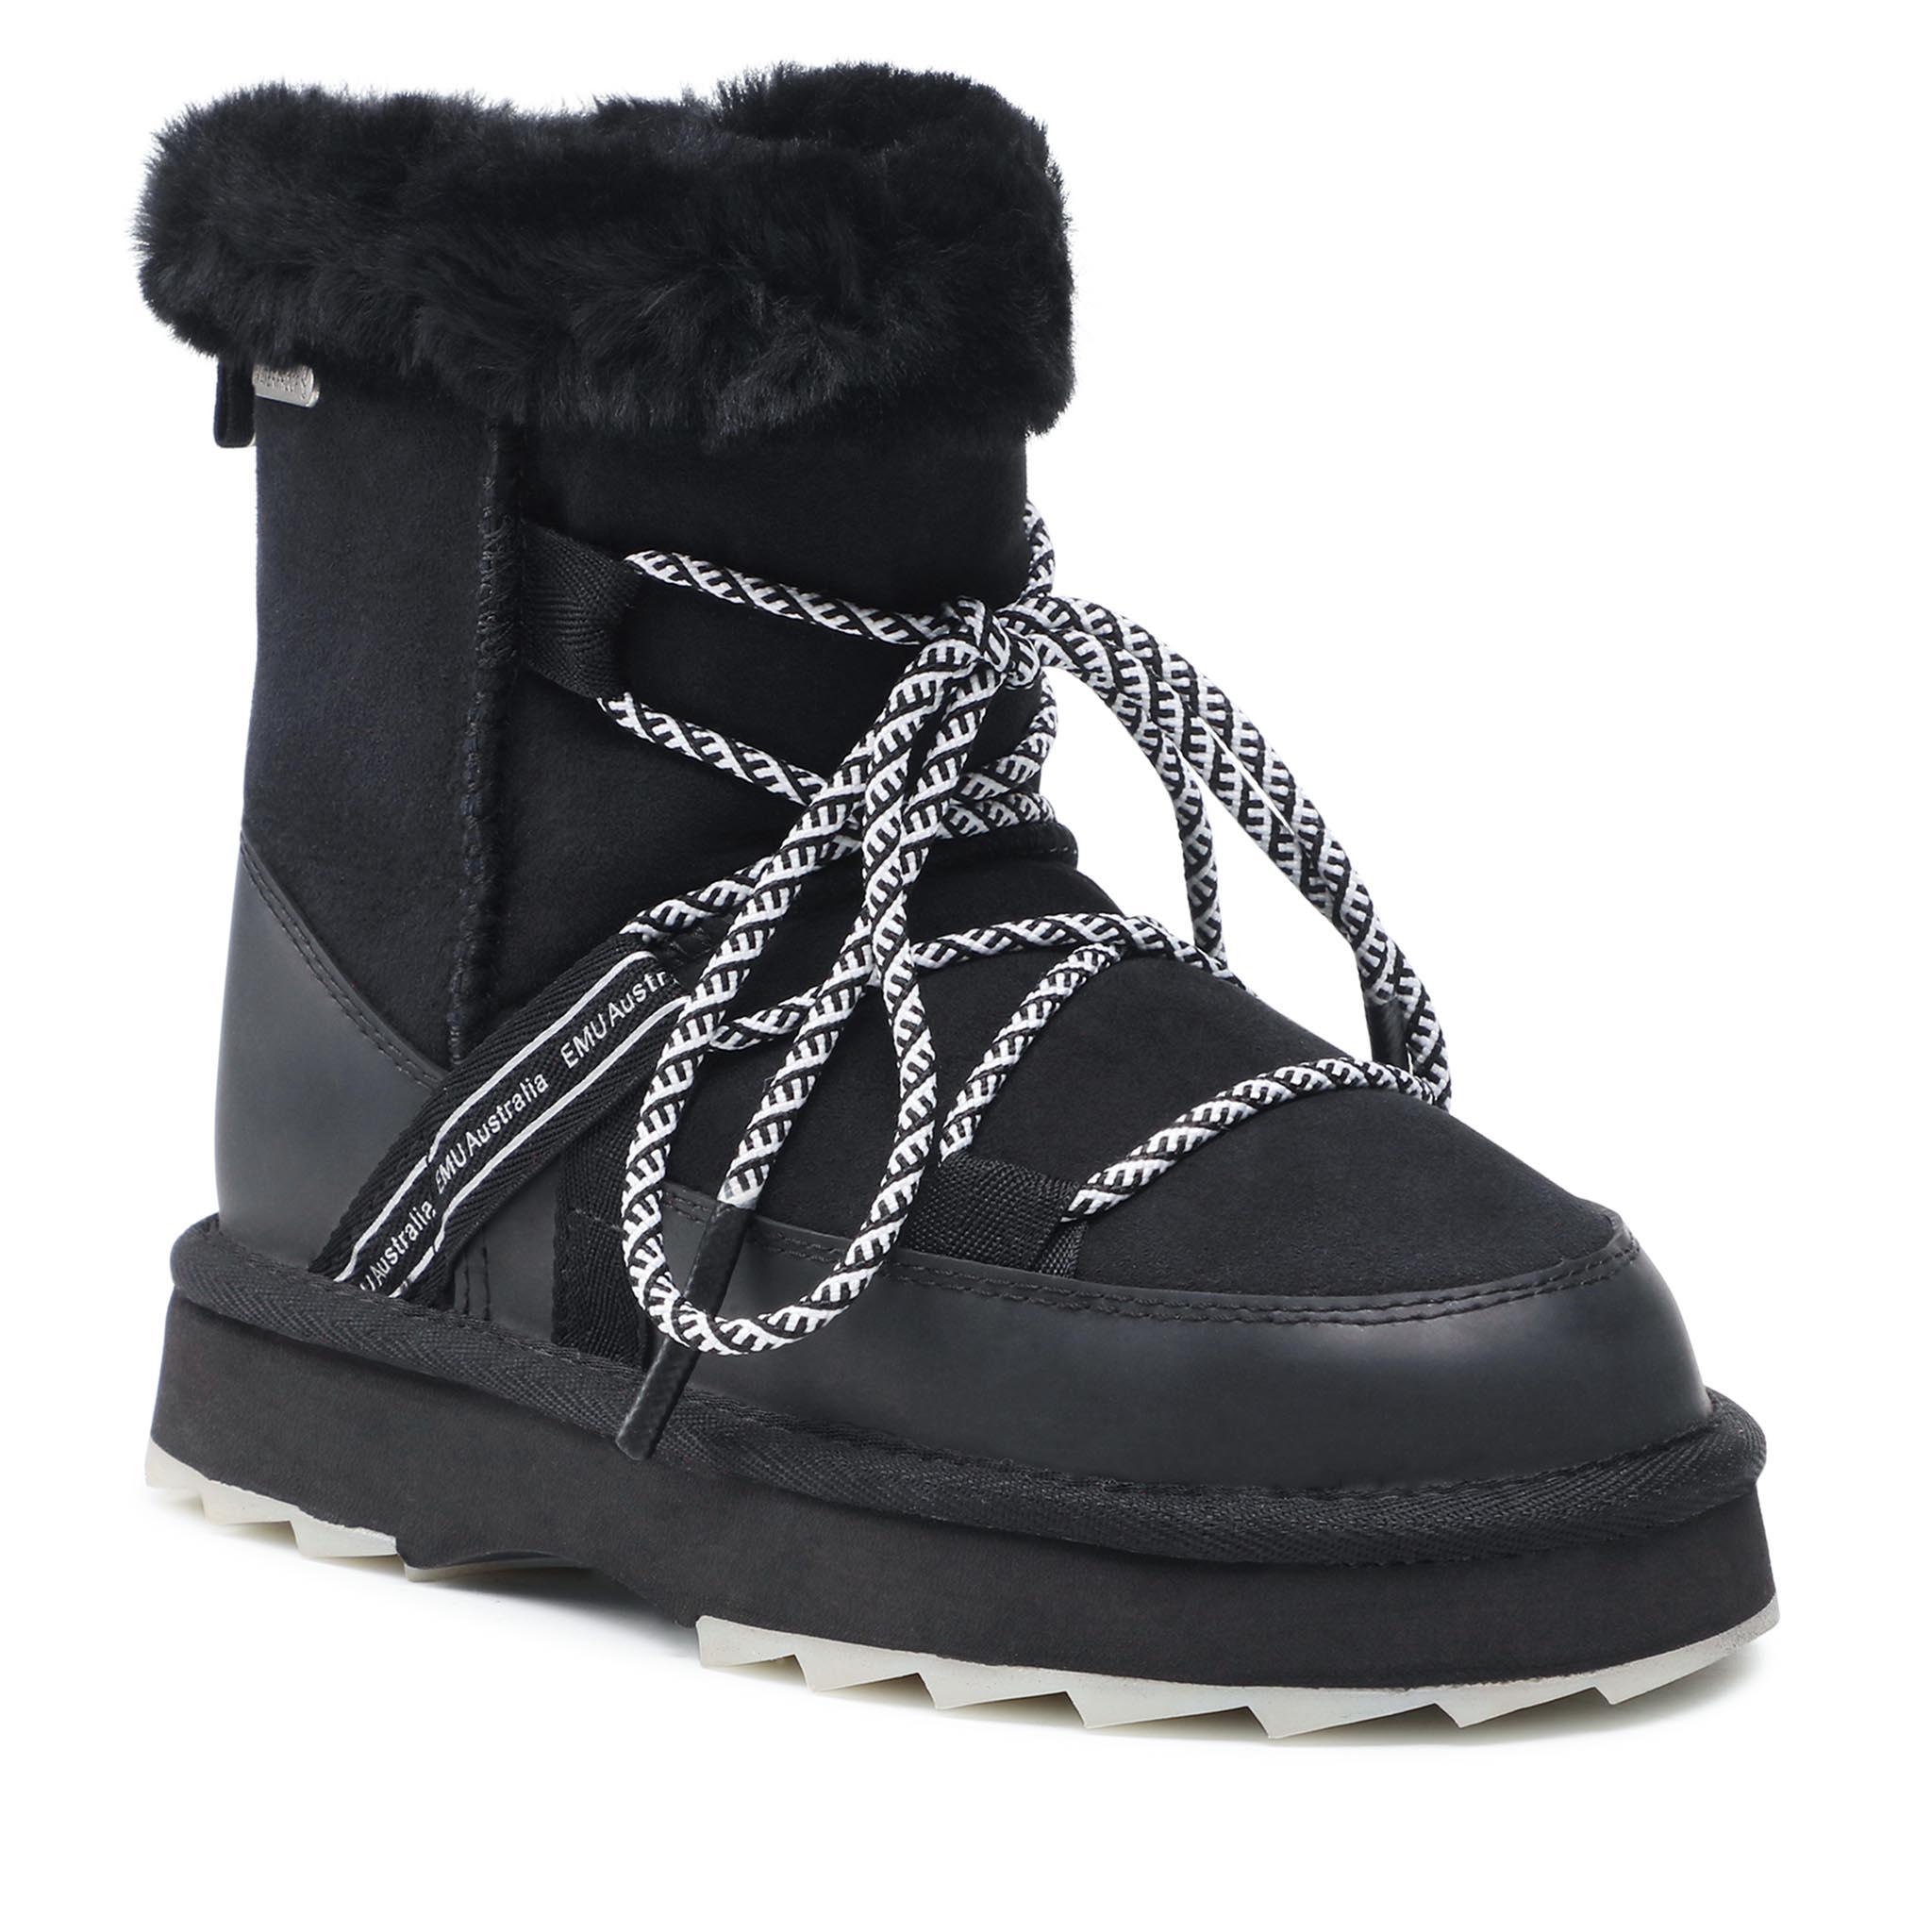 Image of Schuhe EMU AUSTRALIA - Blurred W12641 Black